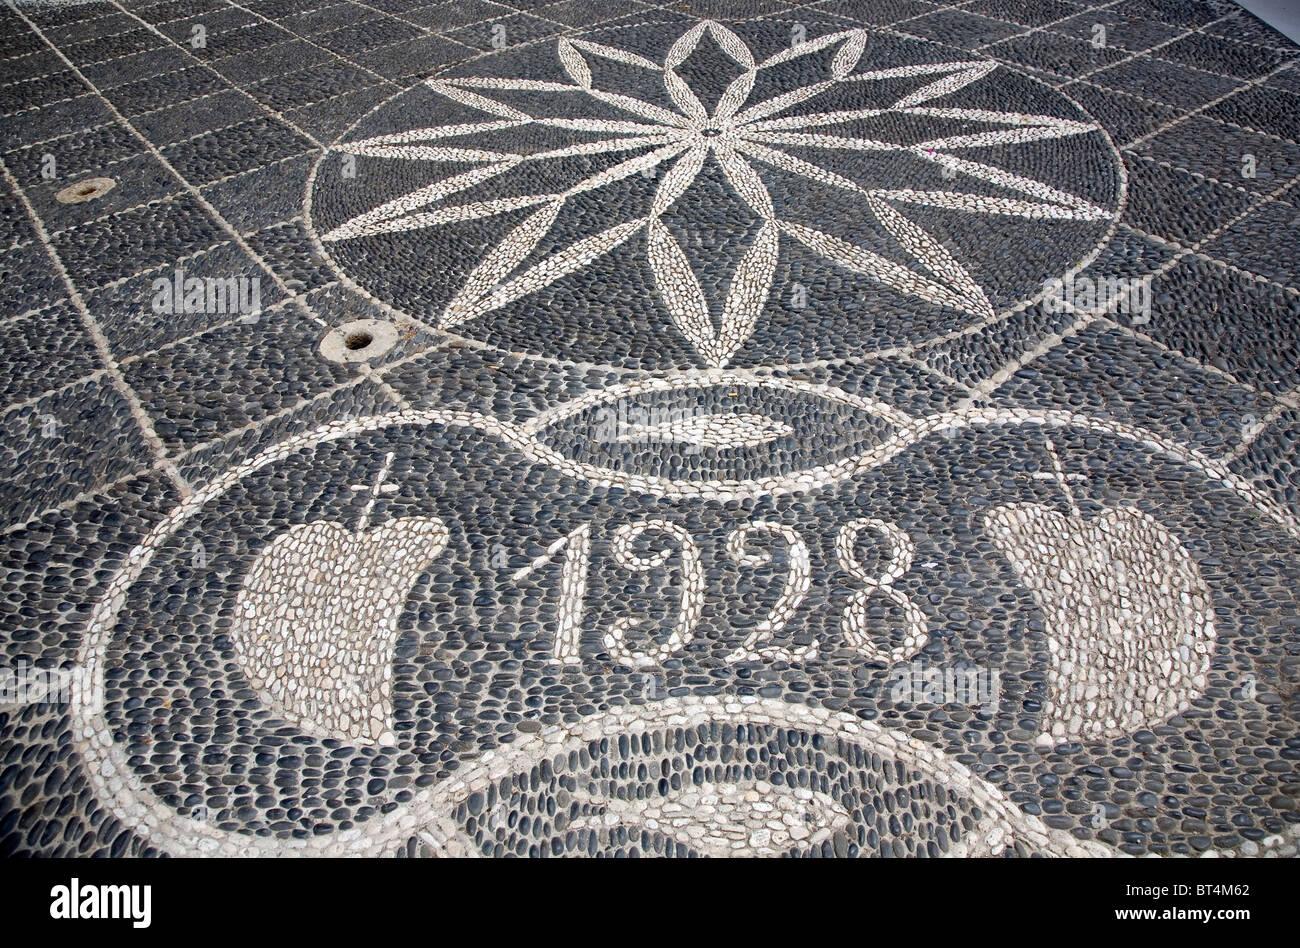 Cobbled stone mosaic at 'Nossa Senhora Da Piedade' Church grounds - Stock Image